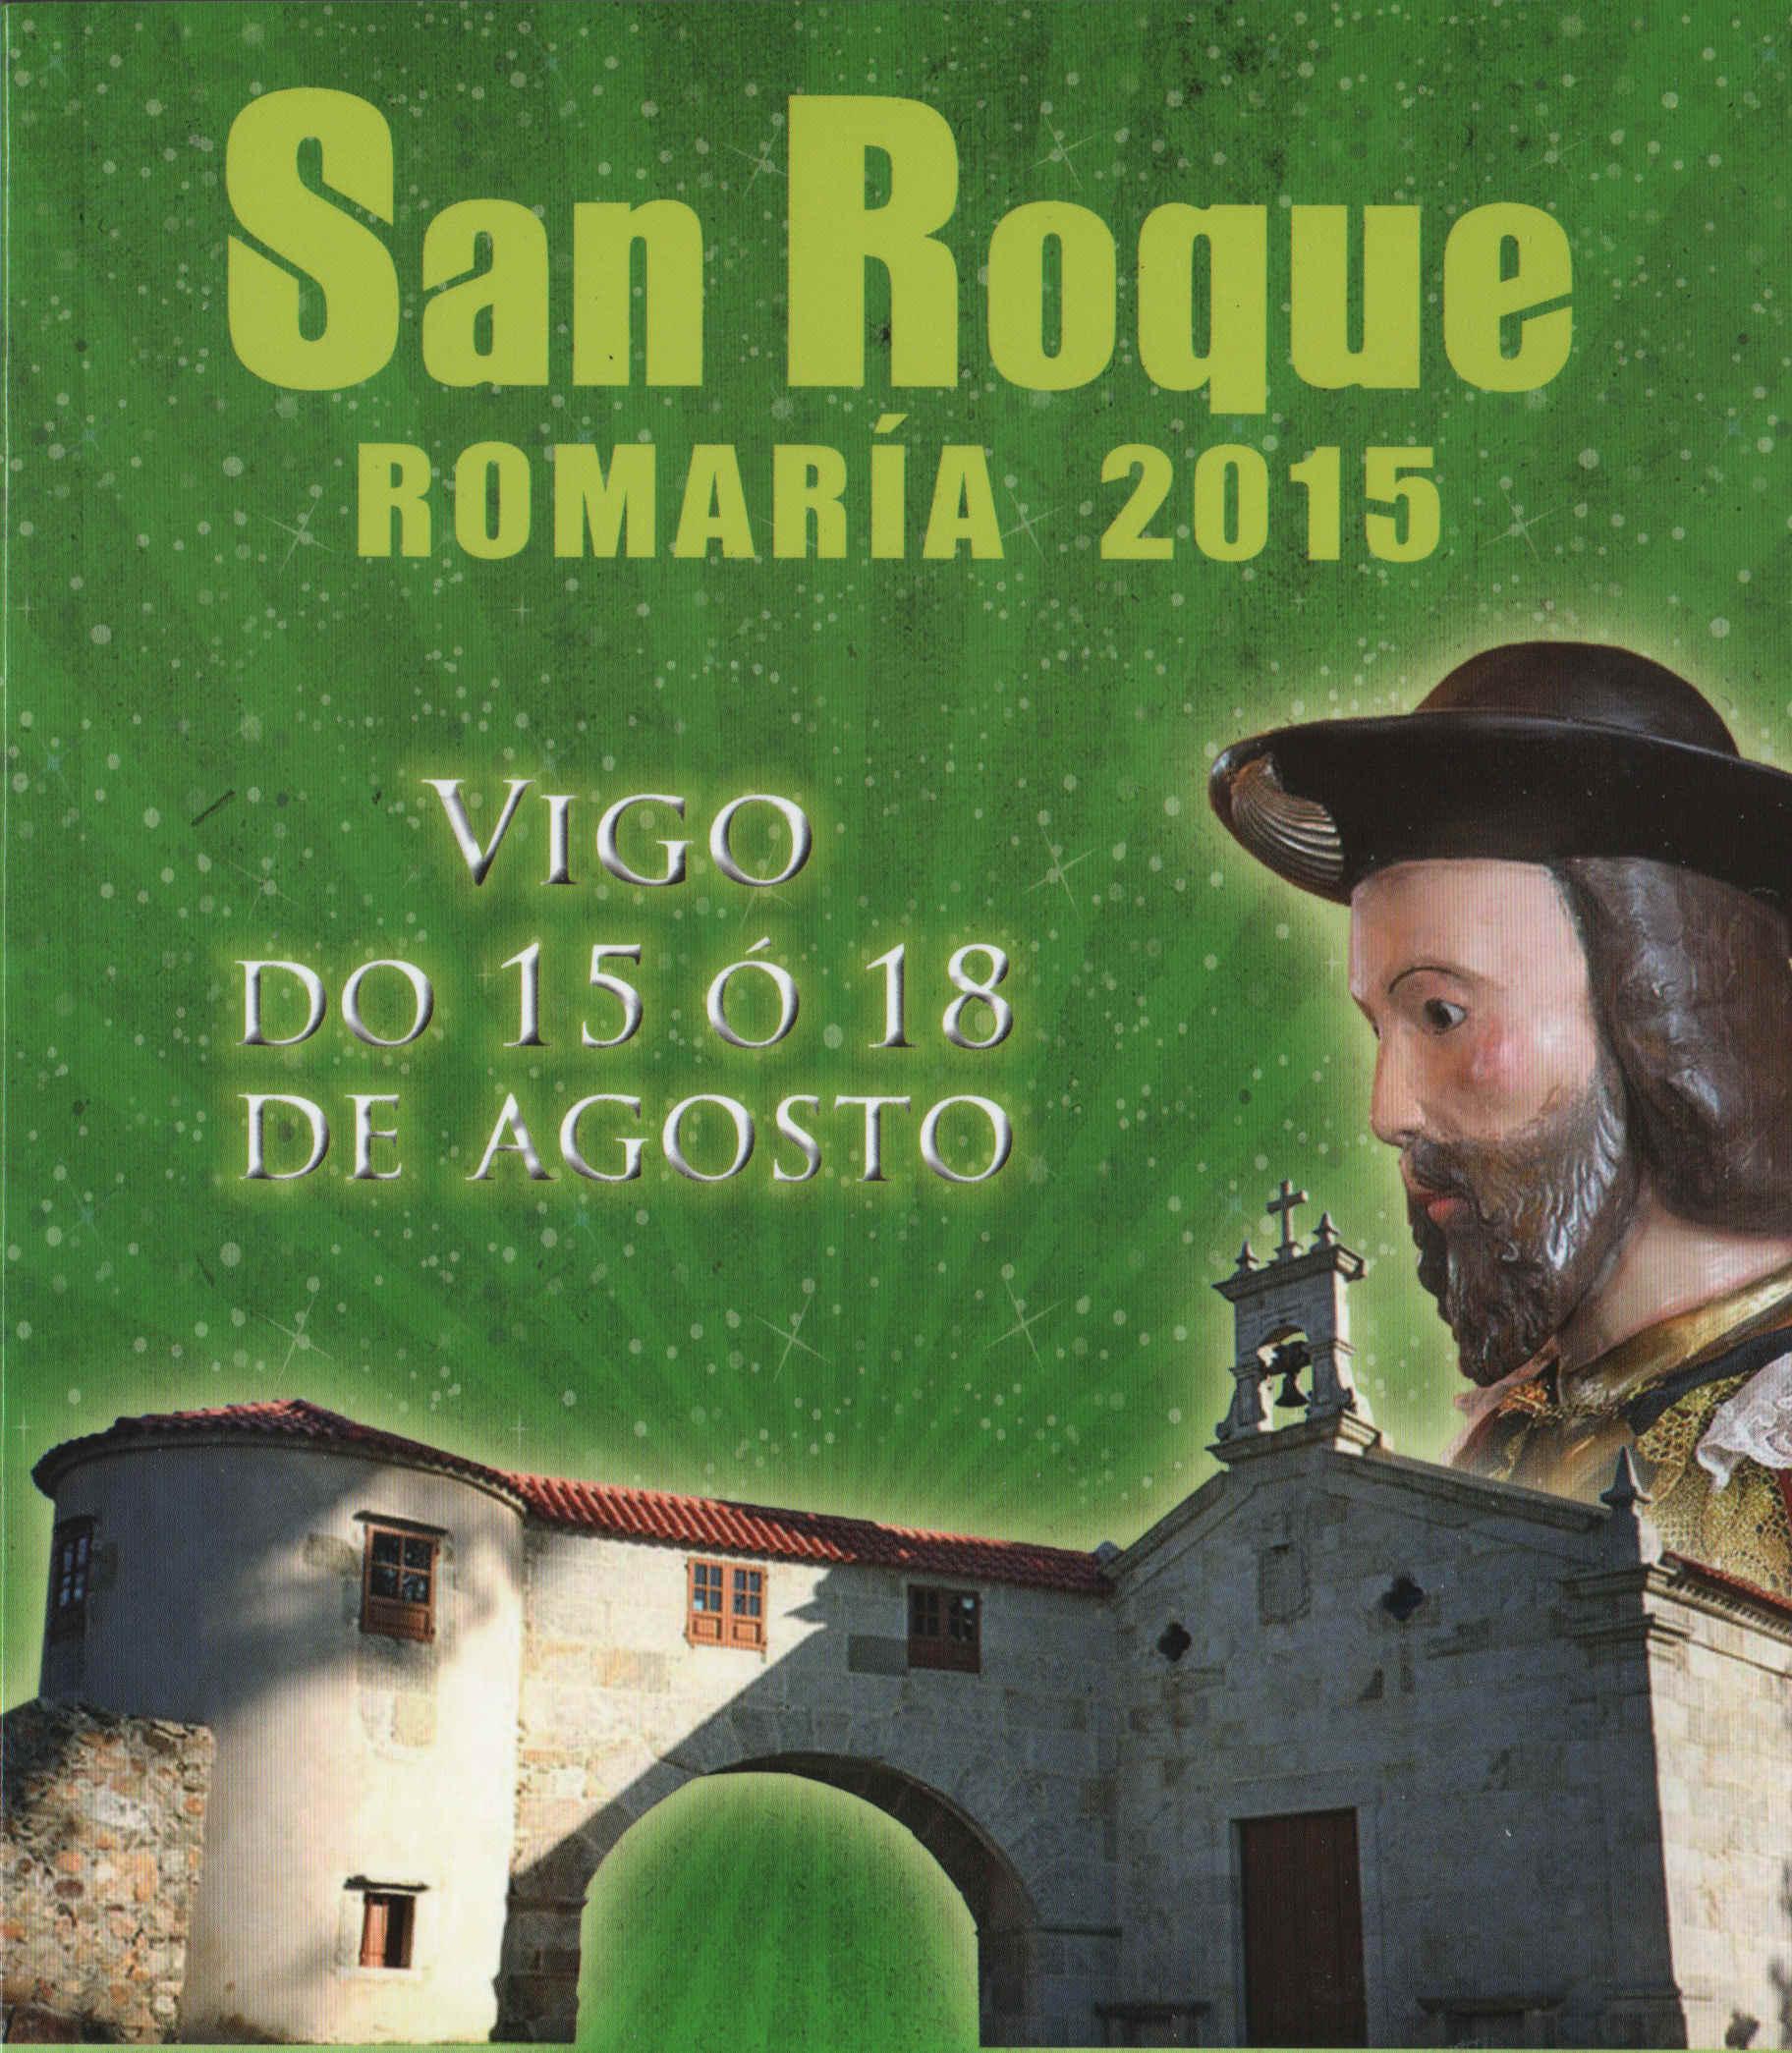 Romería de San Roque 2015 en Vigo